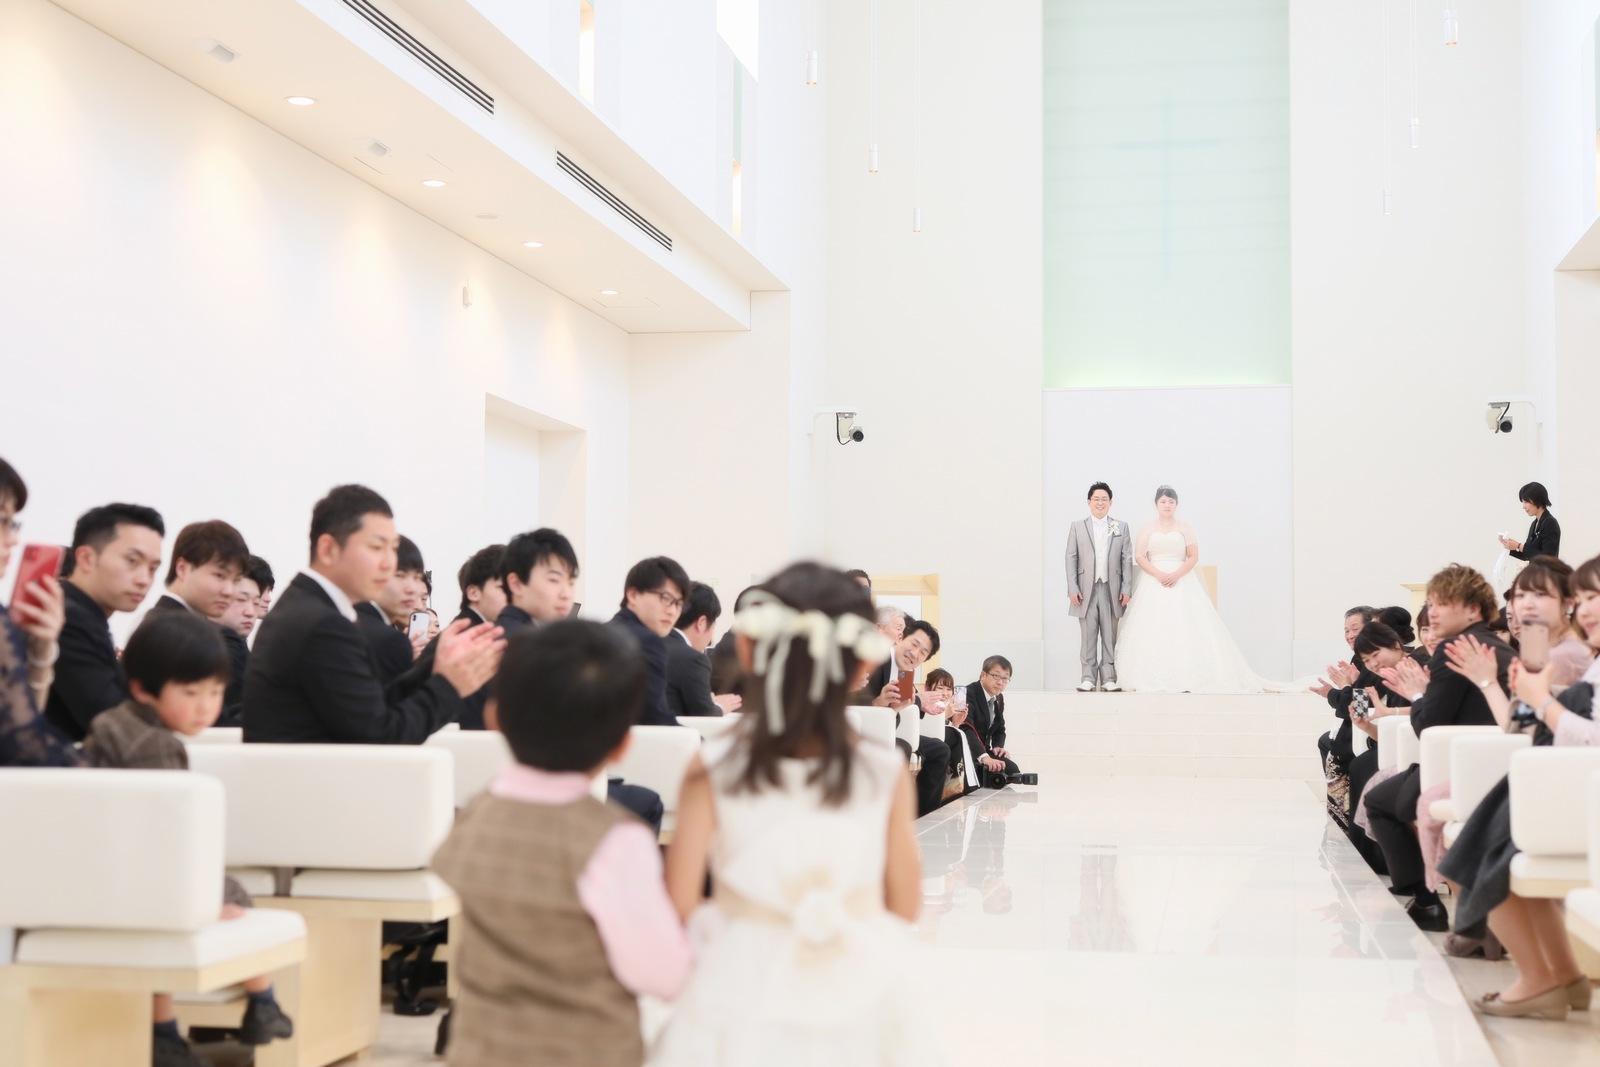 徳島市の結婚式場ブランアンジュで新郎新婦に指輪を運ぶリングボーイ・リングガール